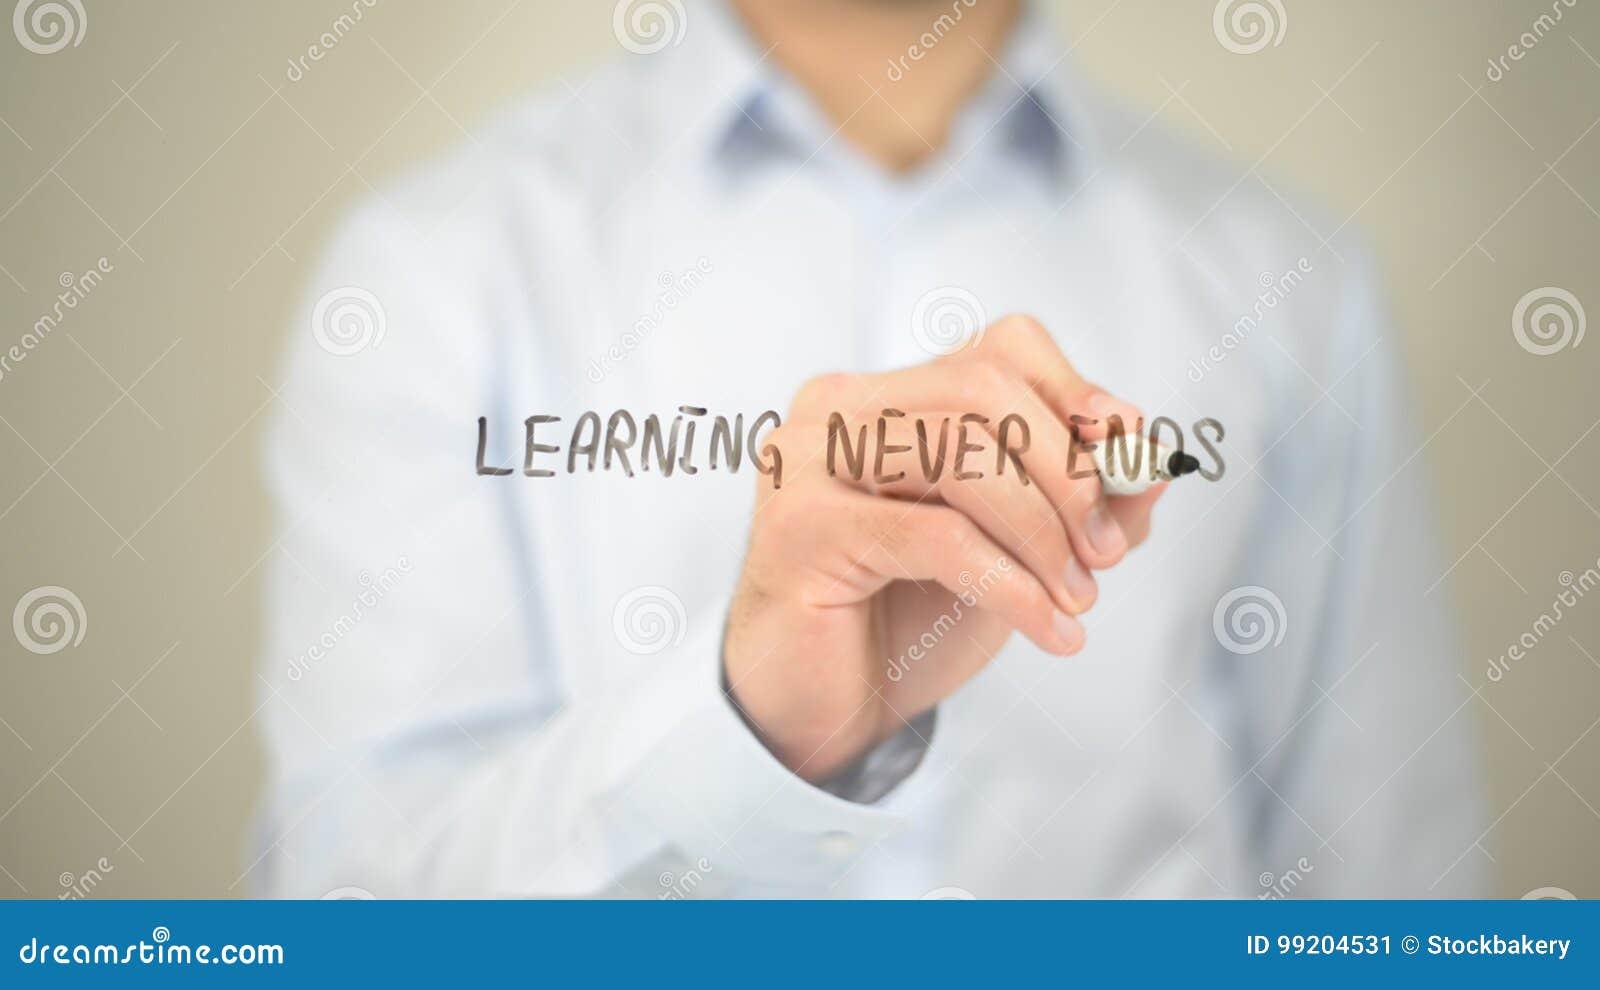 Nunca aprendizaje de extremos, escritura del hombre en la pantalla transparente